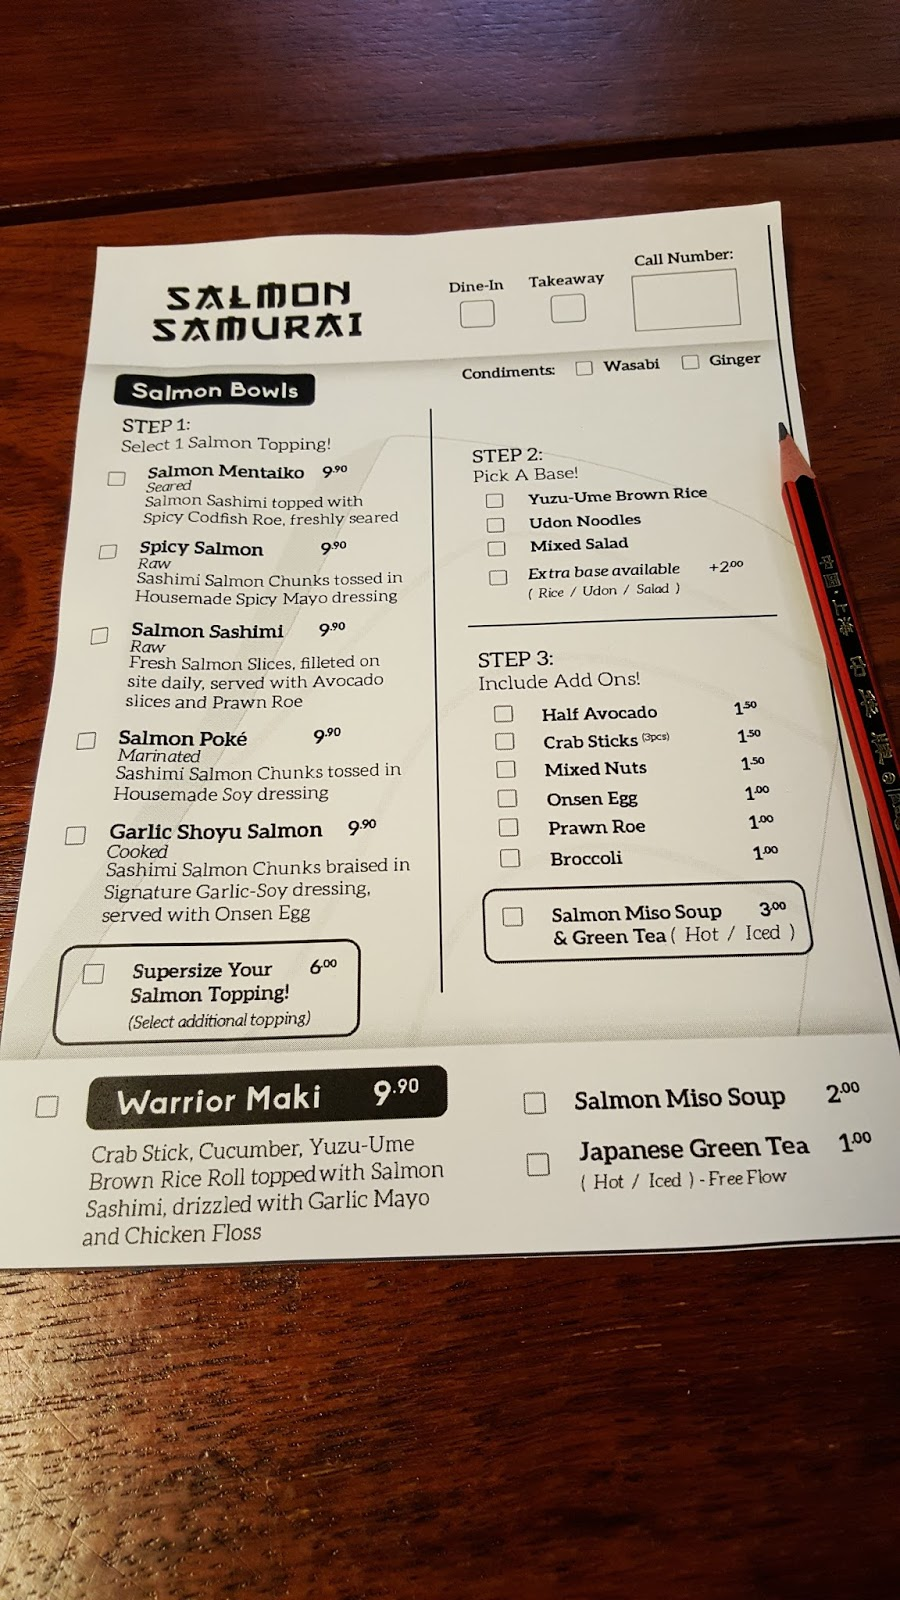 Salmon Samurai Build Your Own Salmon Donburi At Only 9 90